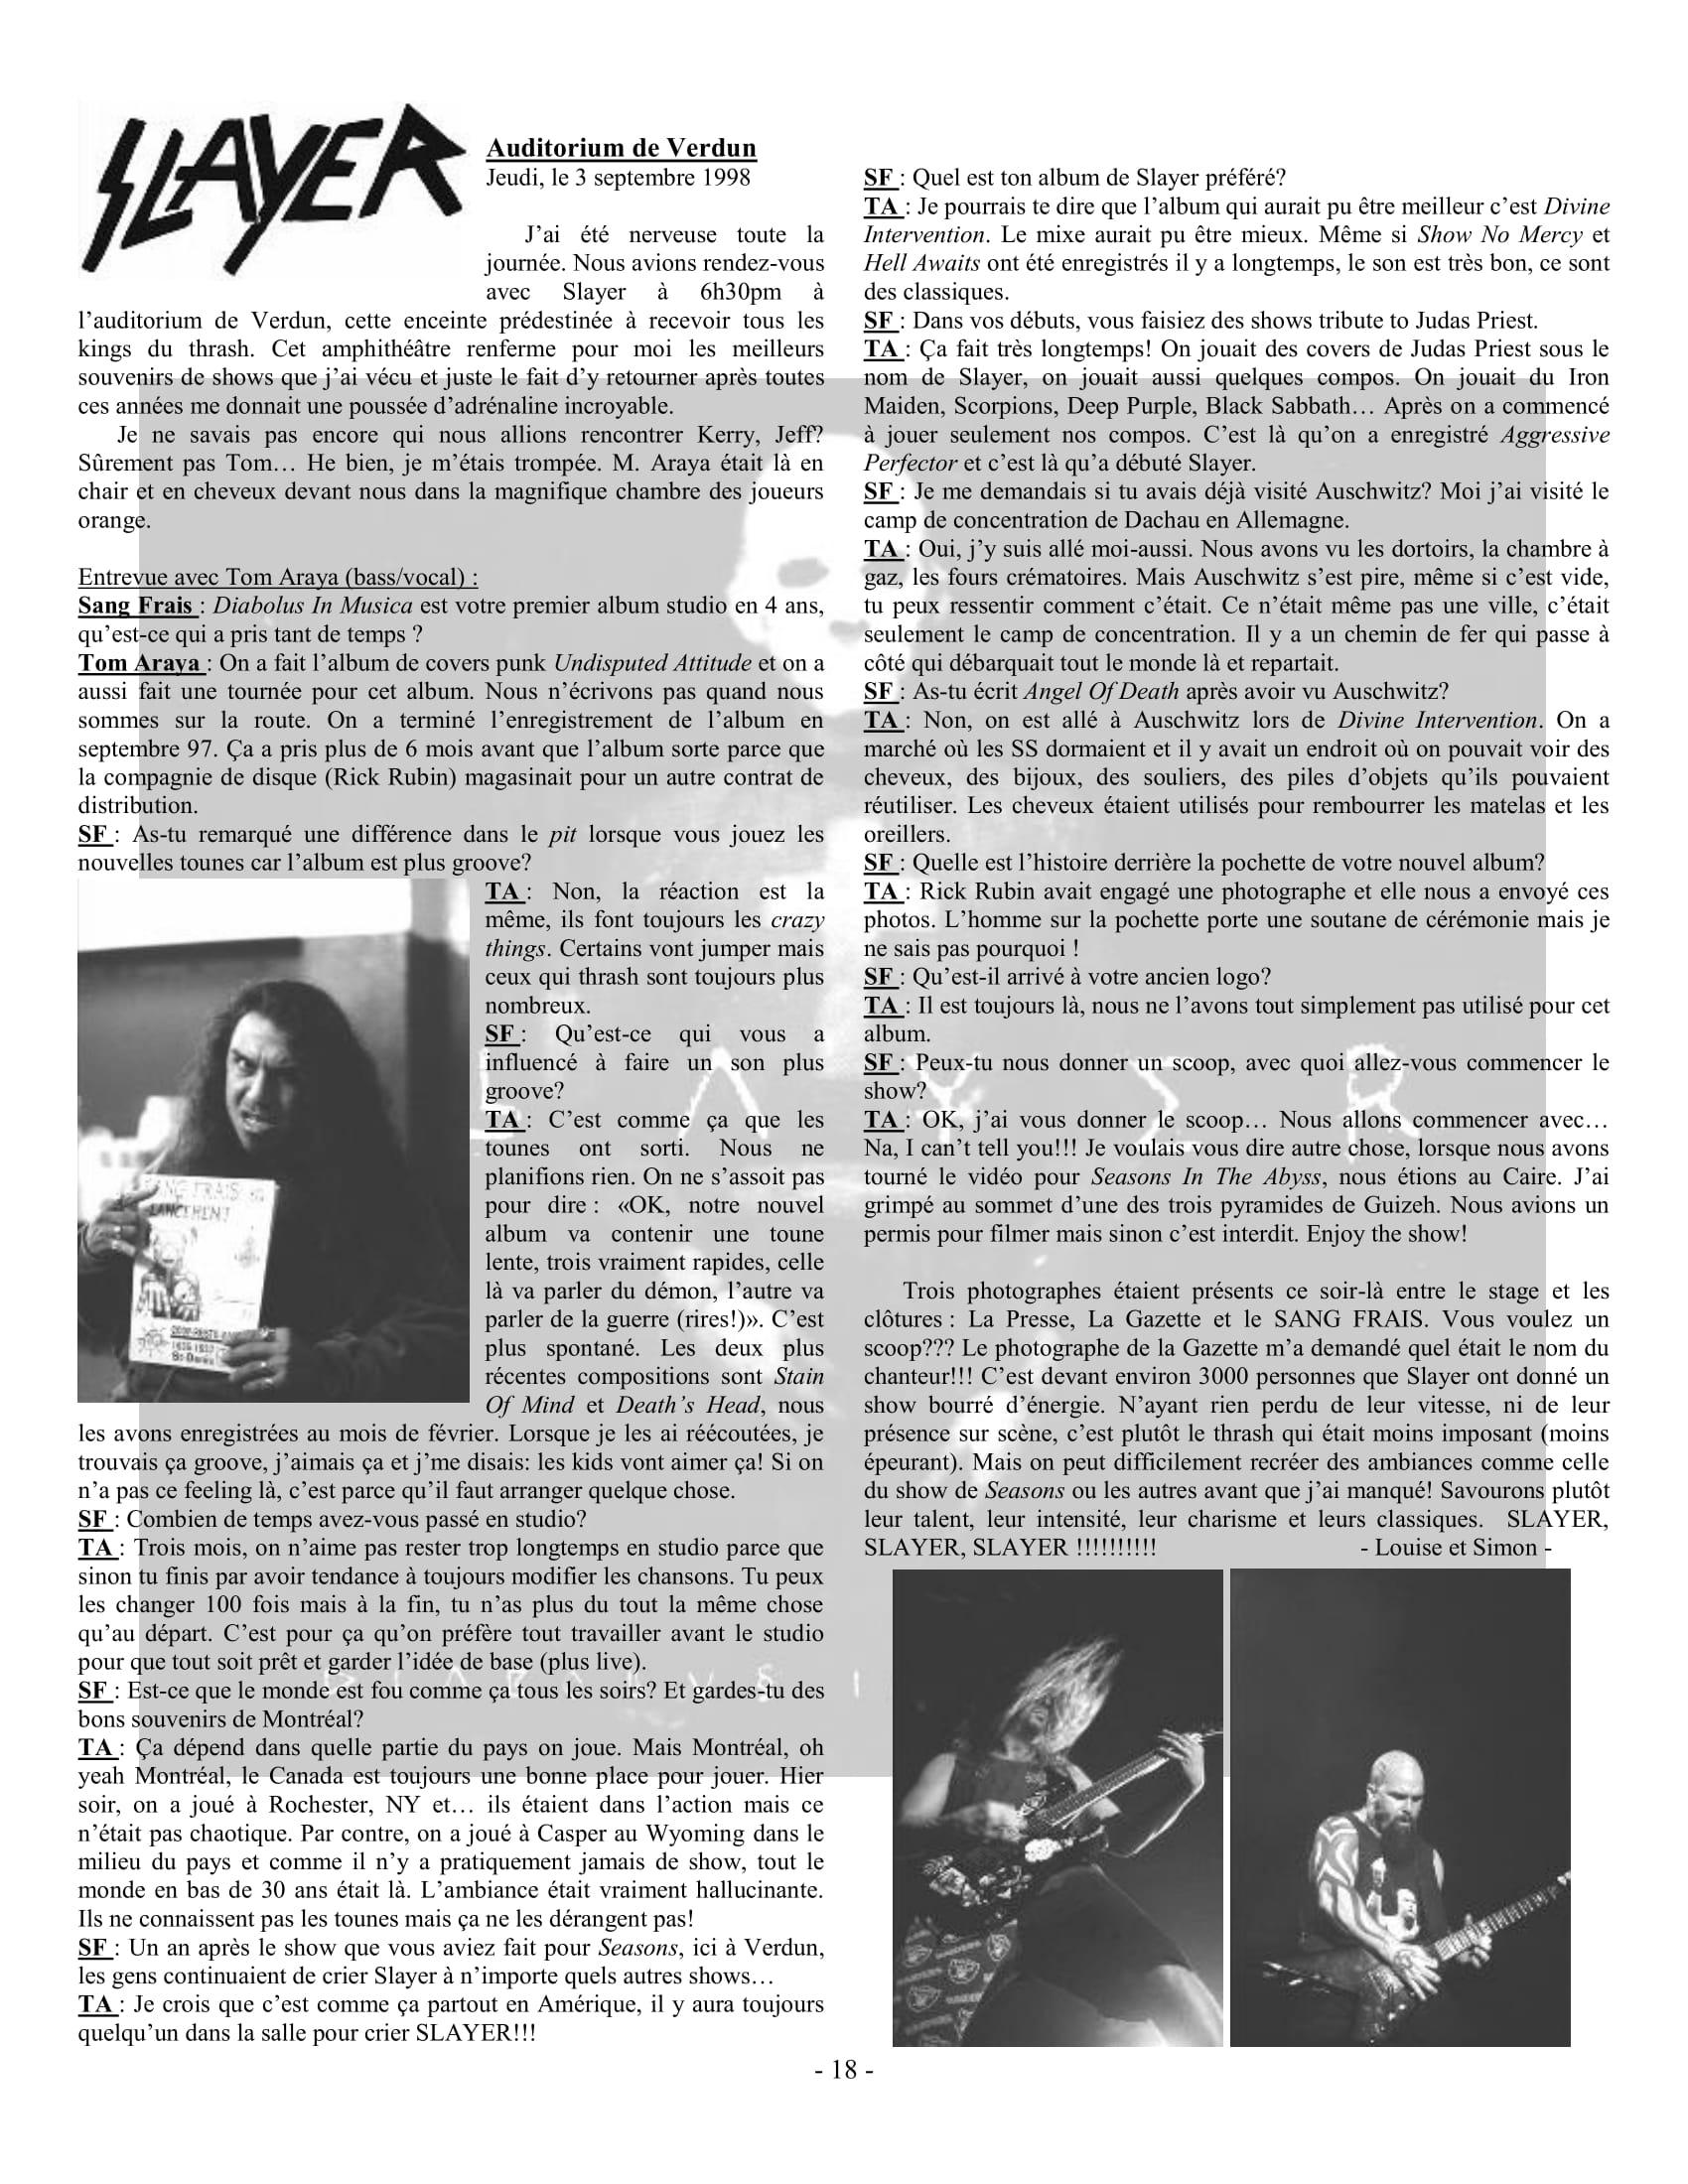 Interview SLAYER dans le fanzine SANG FRAIS Automne 1989 (archive à lire) Sf02-110